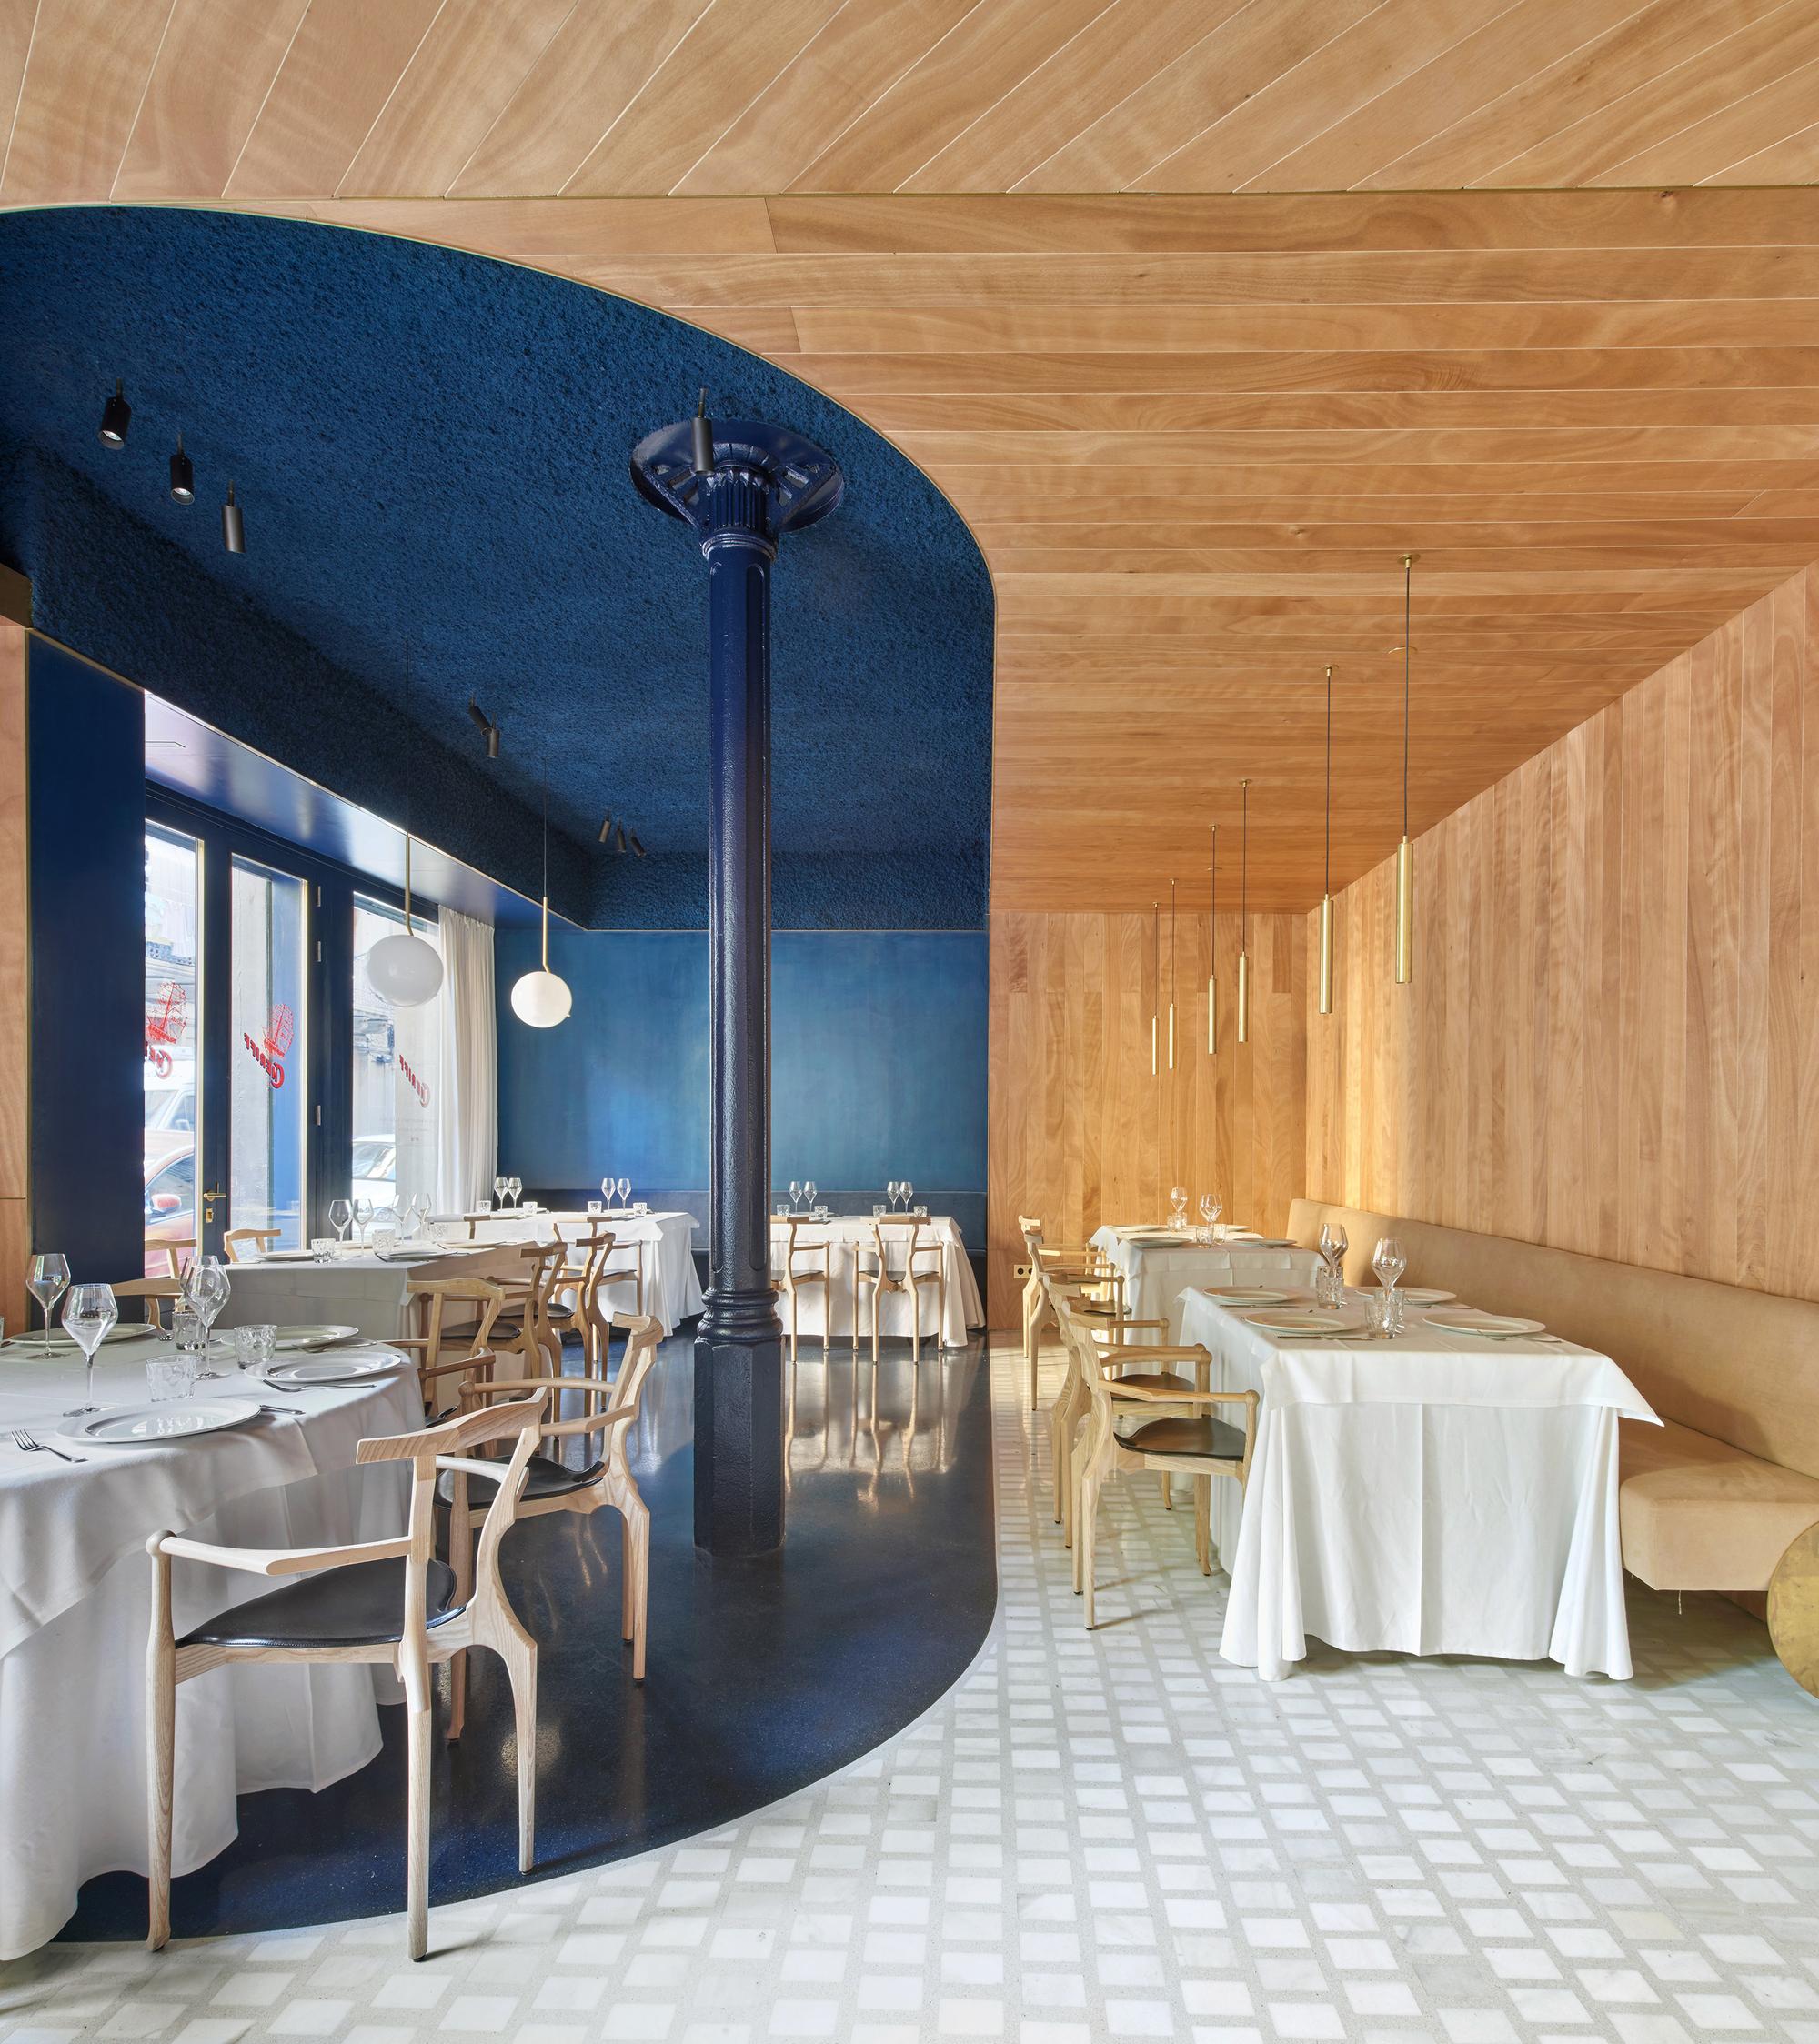 Restaurant Cheriff Mesura Archdaily